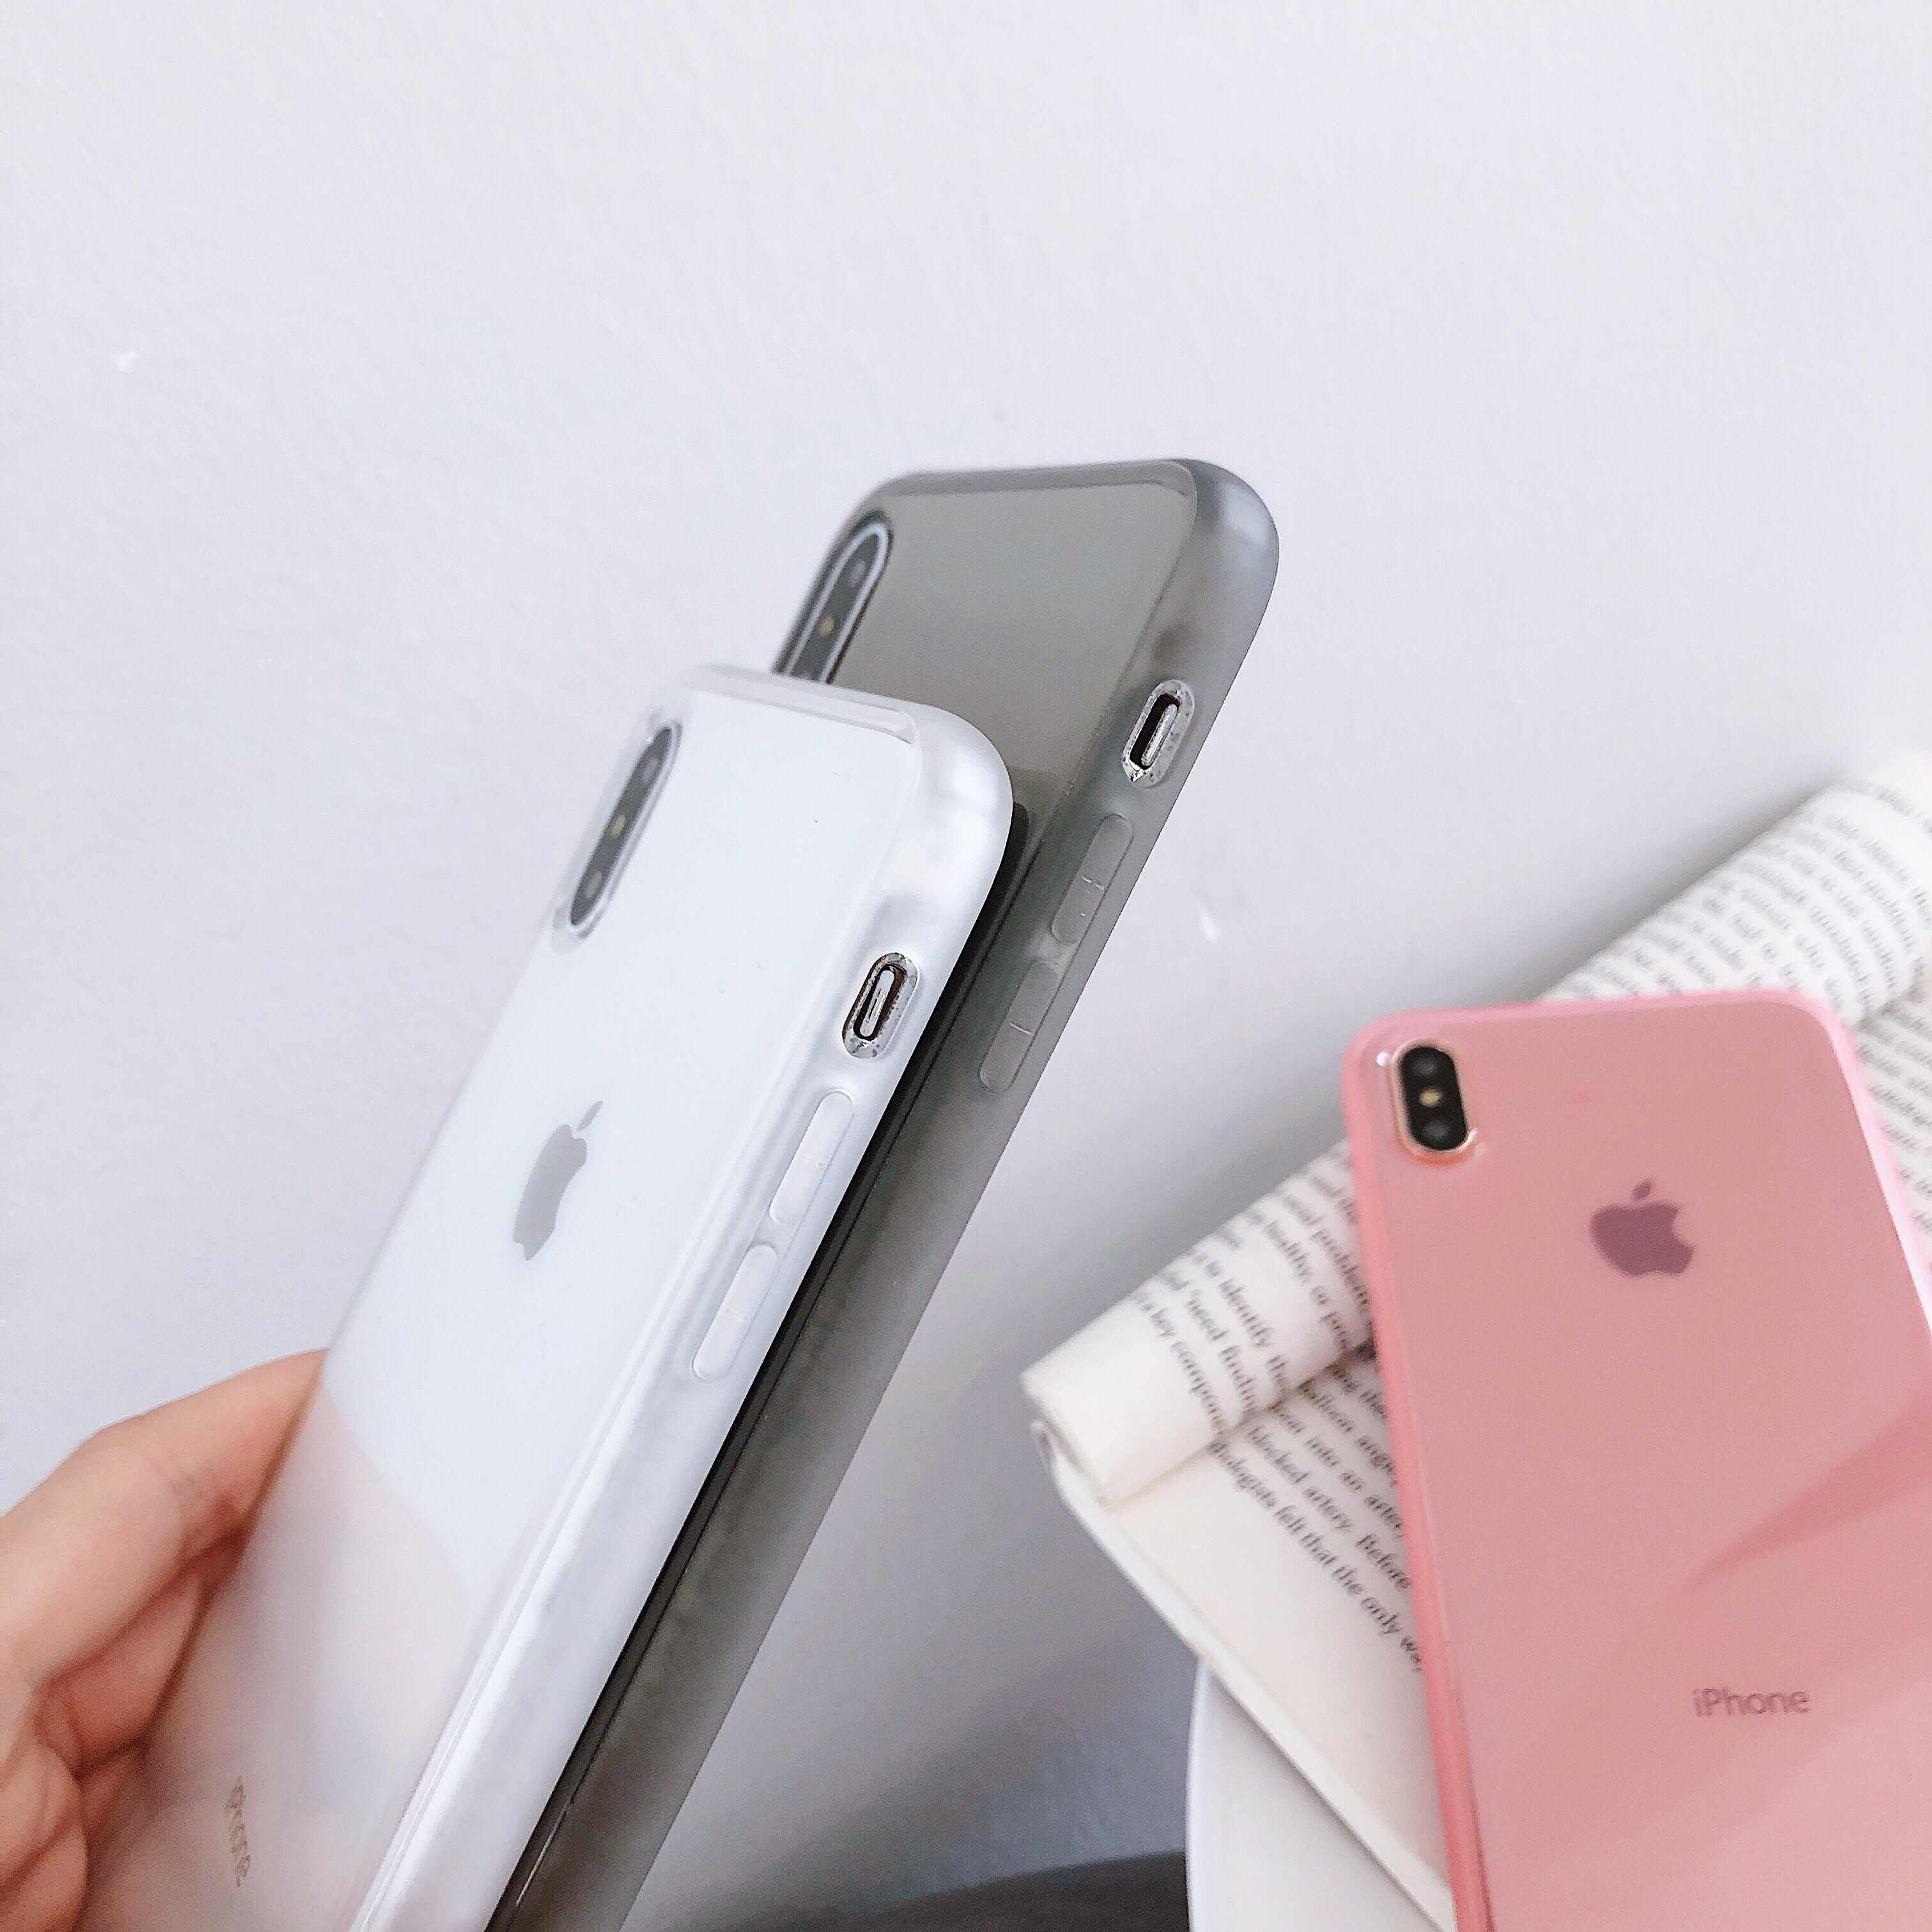 KISSCASE الملونة شفافة للصدمات إطار الهاتف حقيبة لهاتف أي فون 11 برو XS X XR XS ماكس 8 7 6S زائد لينة TPU غطاء للحماية